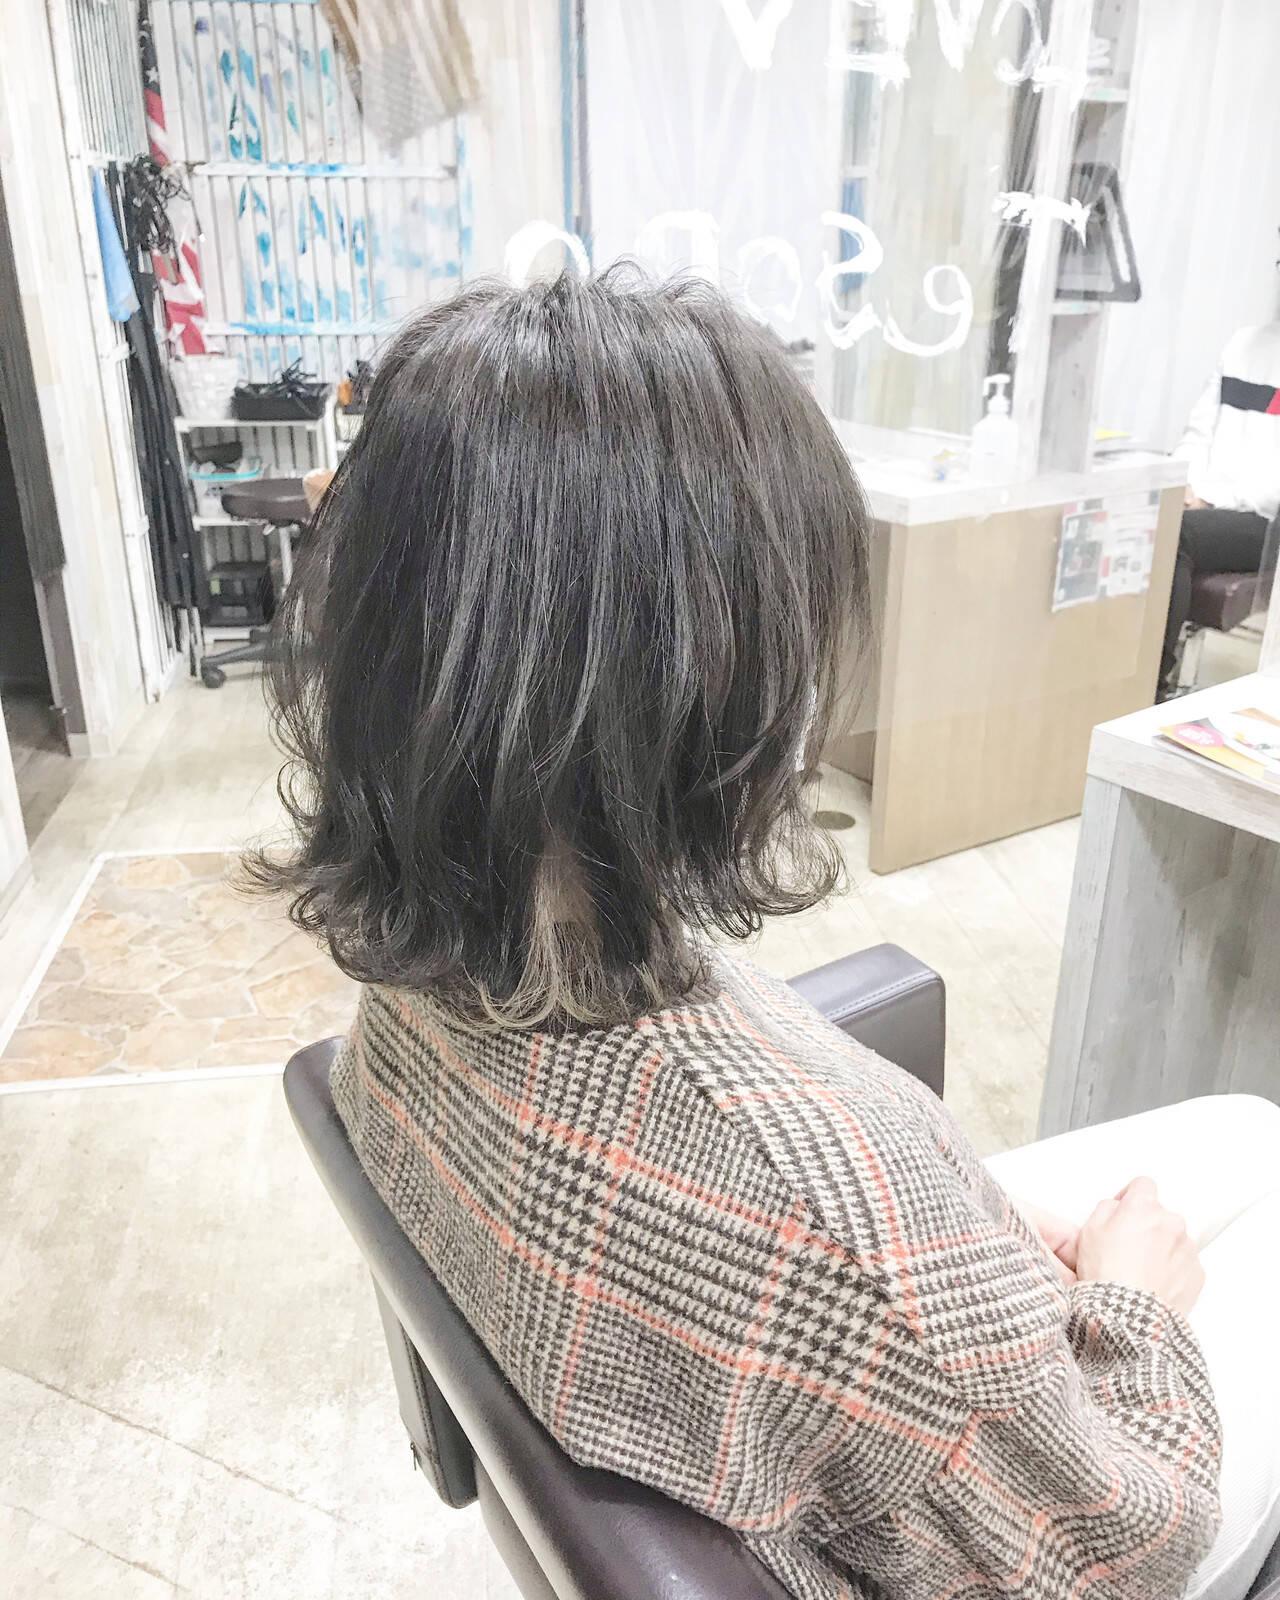 ナチュラル ボブ #インナーカラー ブリーチカラーヘアスタイルや髪型の写真・画像